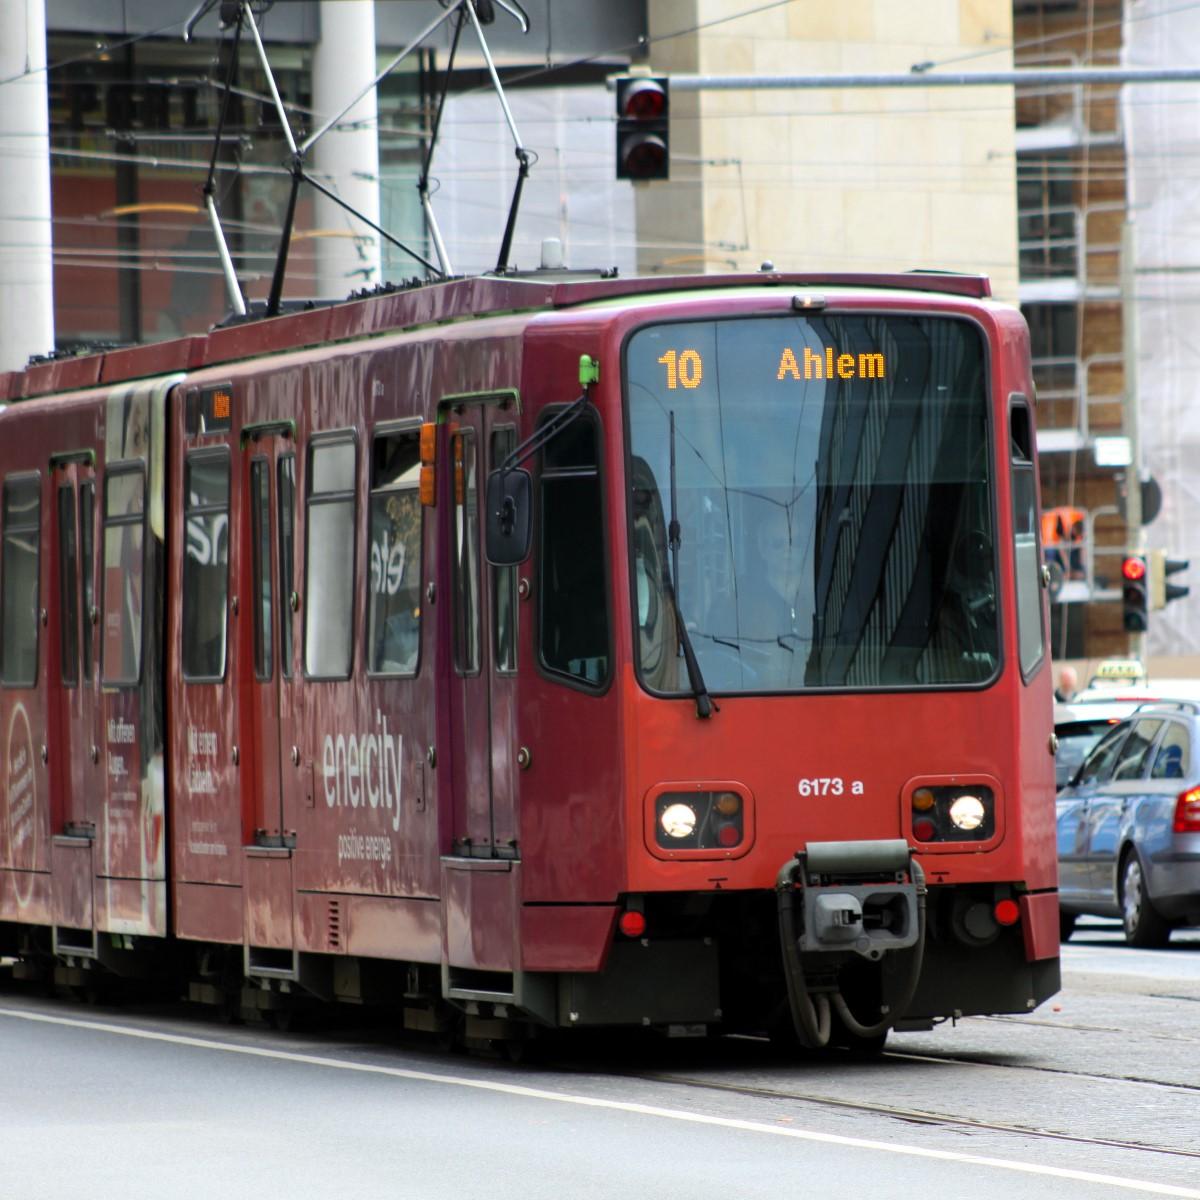 Bahn Linie 10 Ahlem